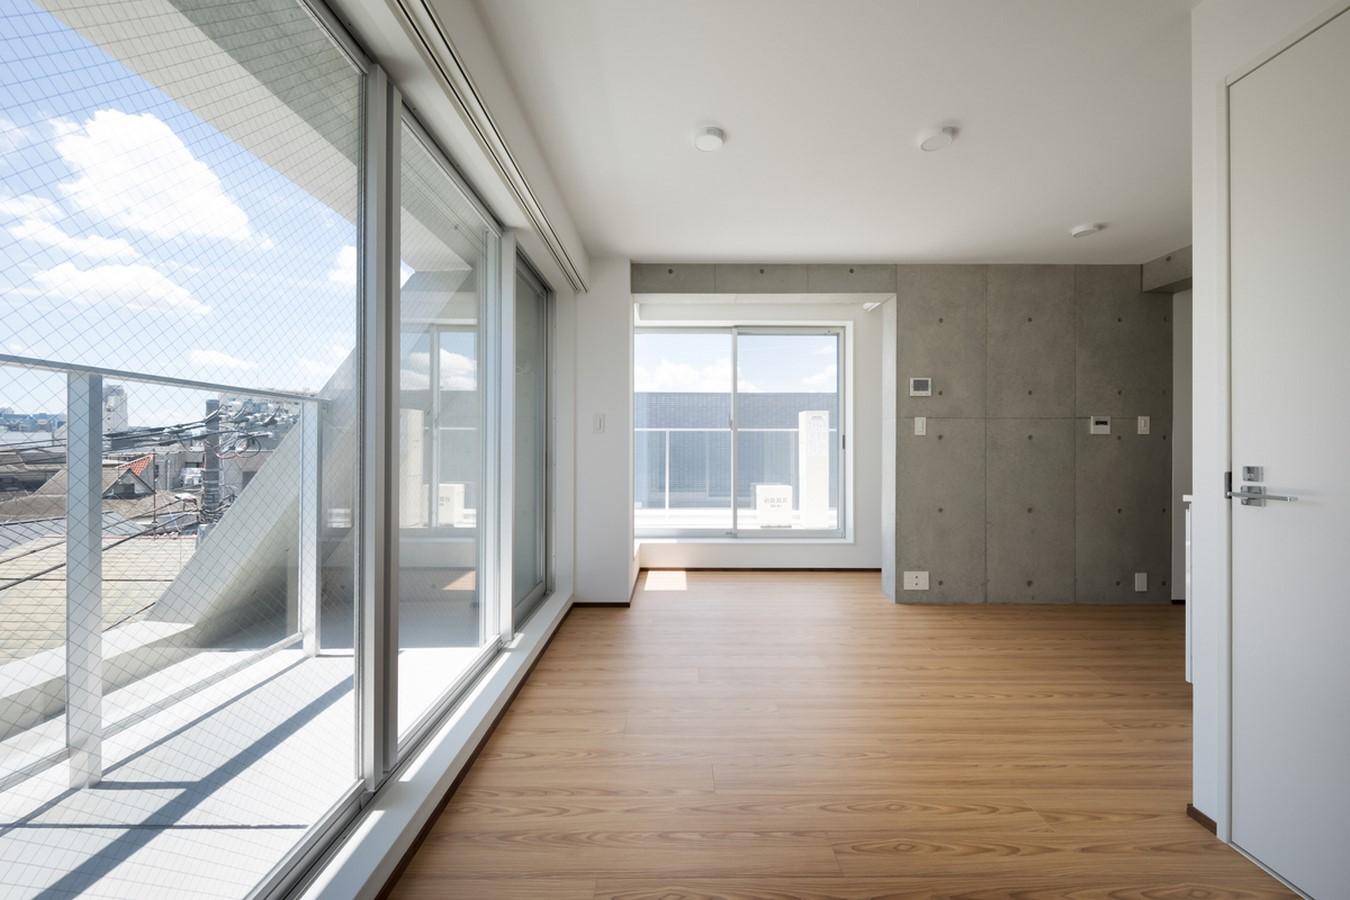 5090 Modelia Brut KAGURAZAKA by SASAKI ARCHITECTURE: Sheet